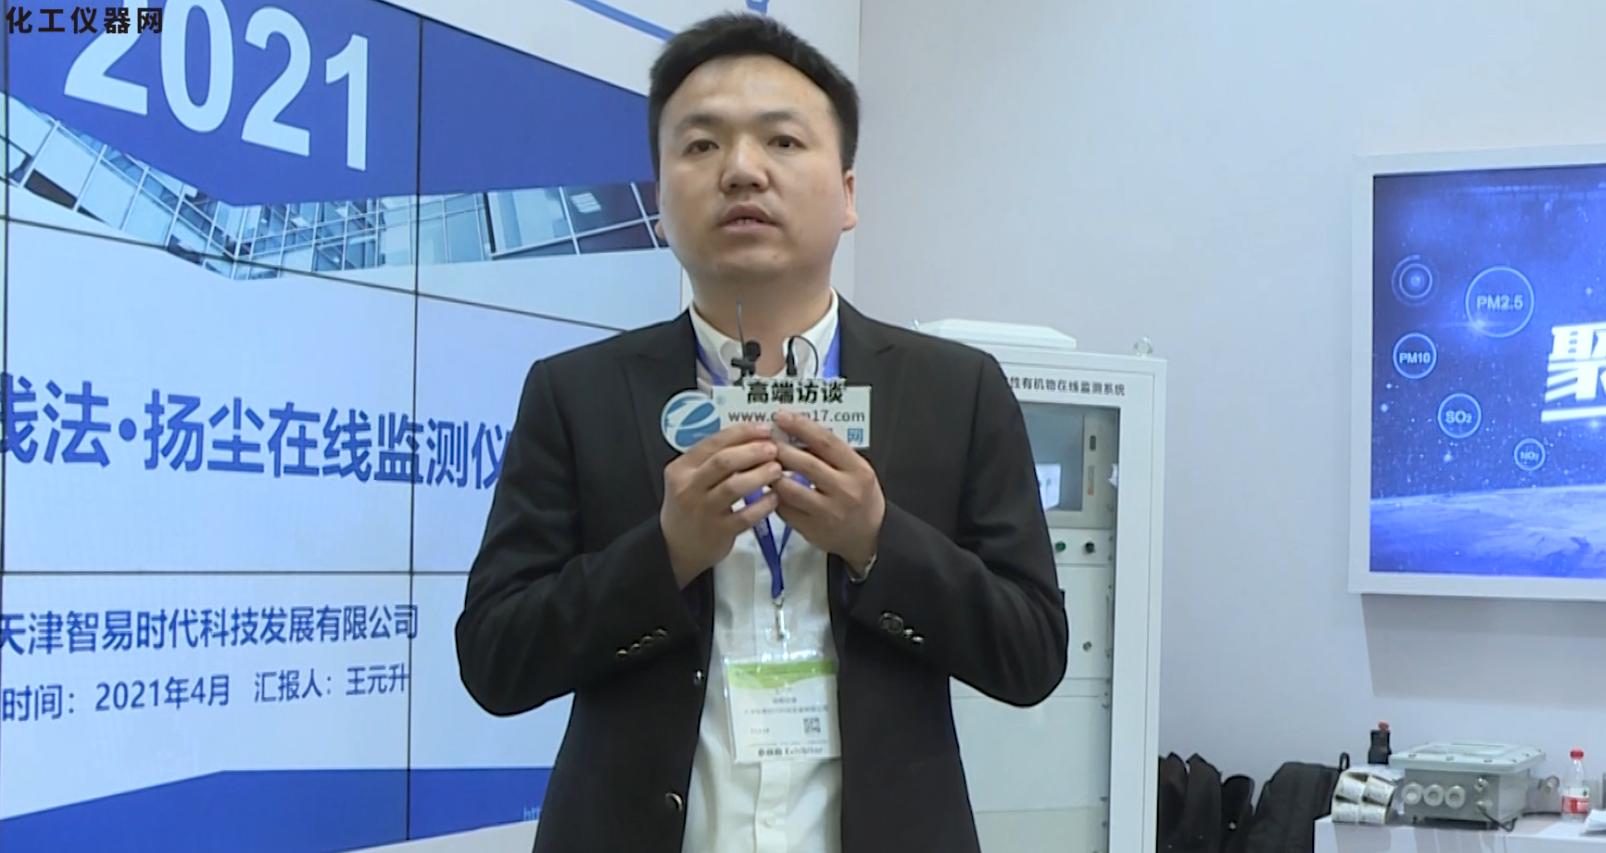 智易时代携多款精品闪耀第22届中国环博会